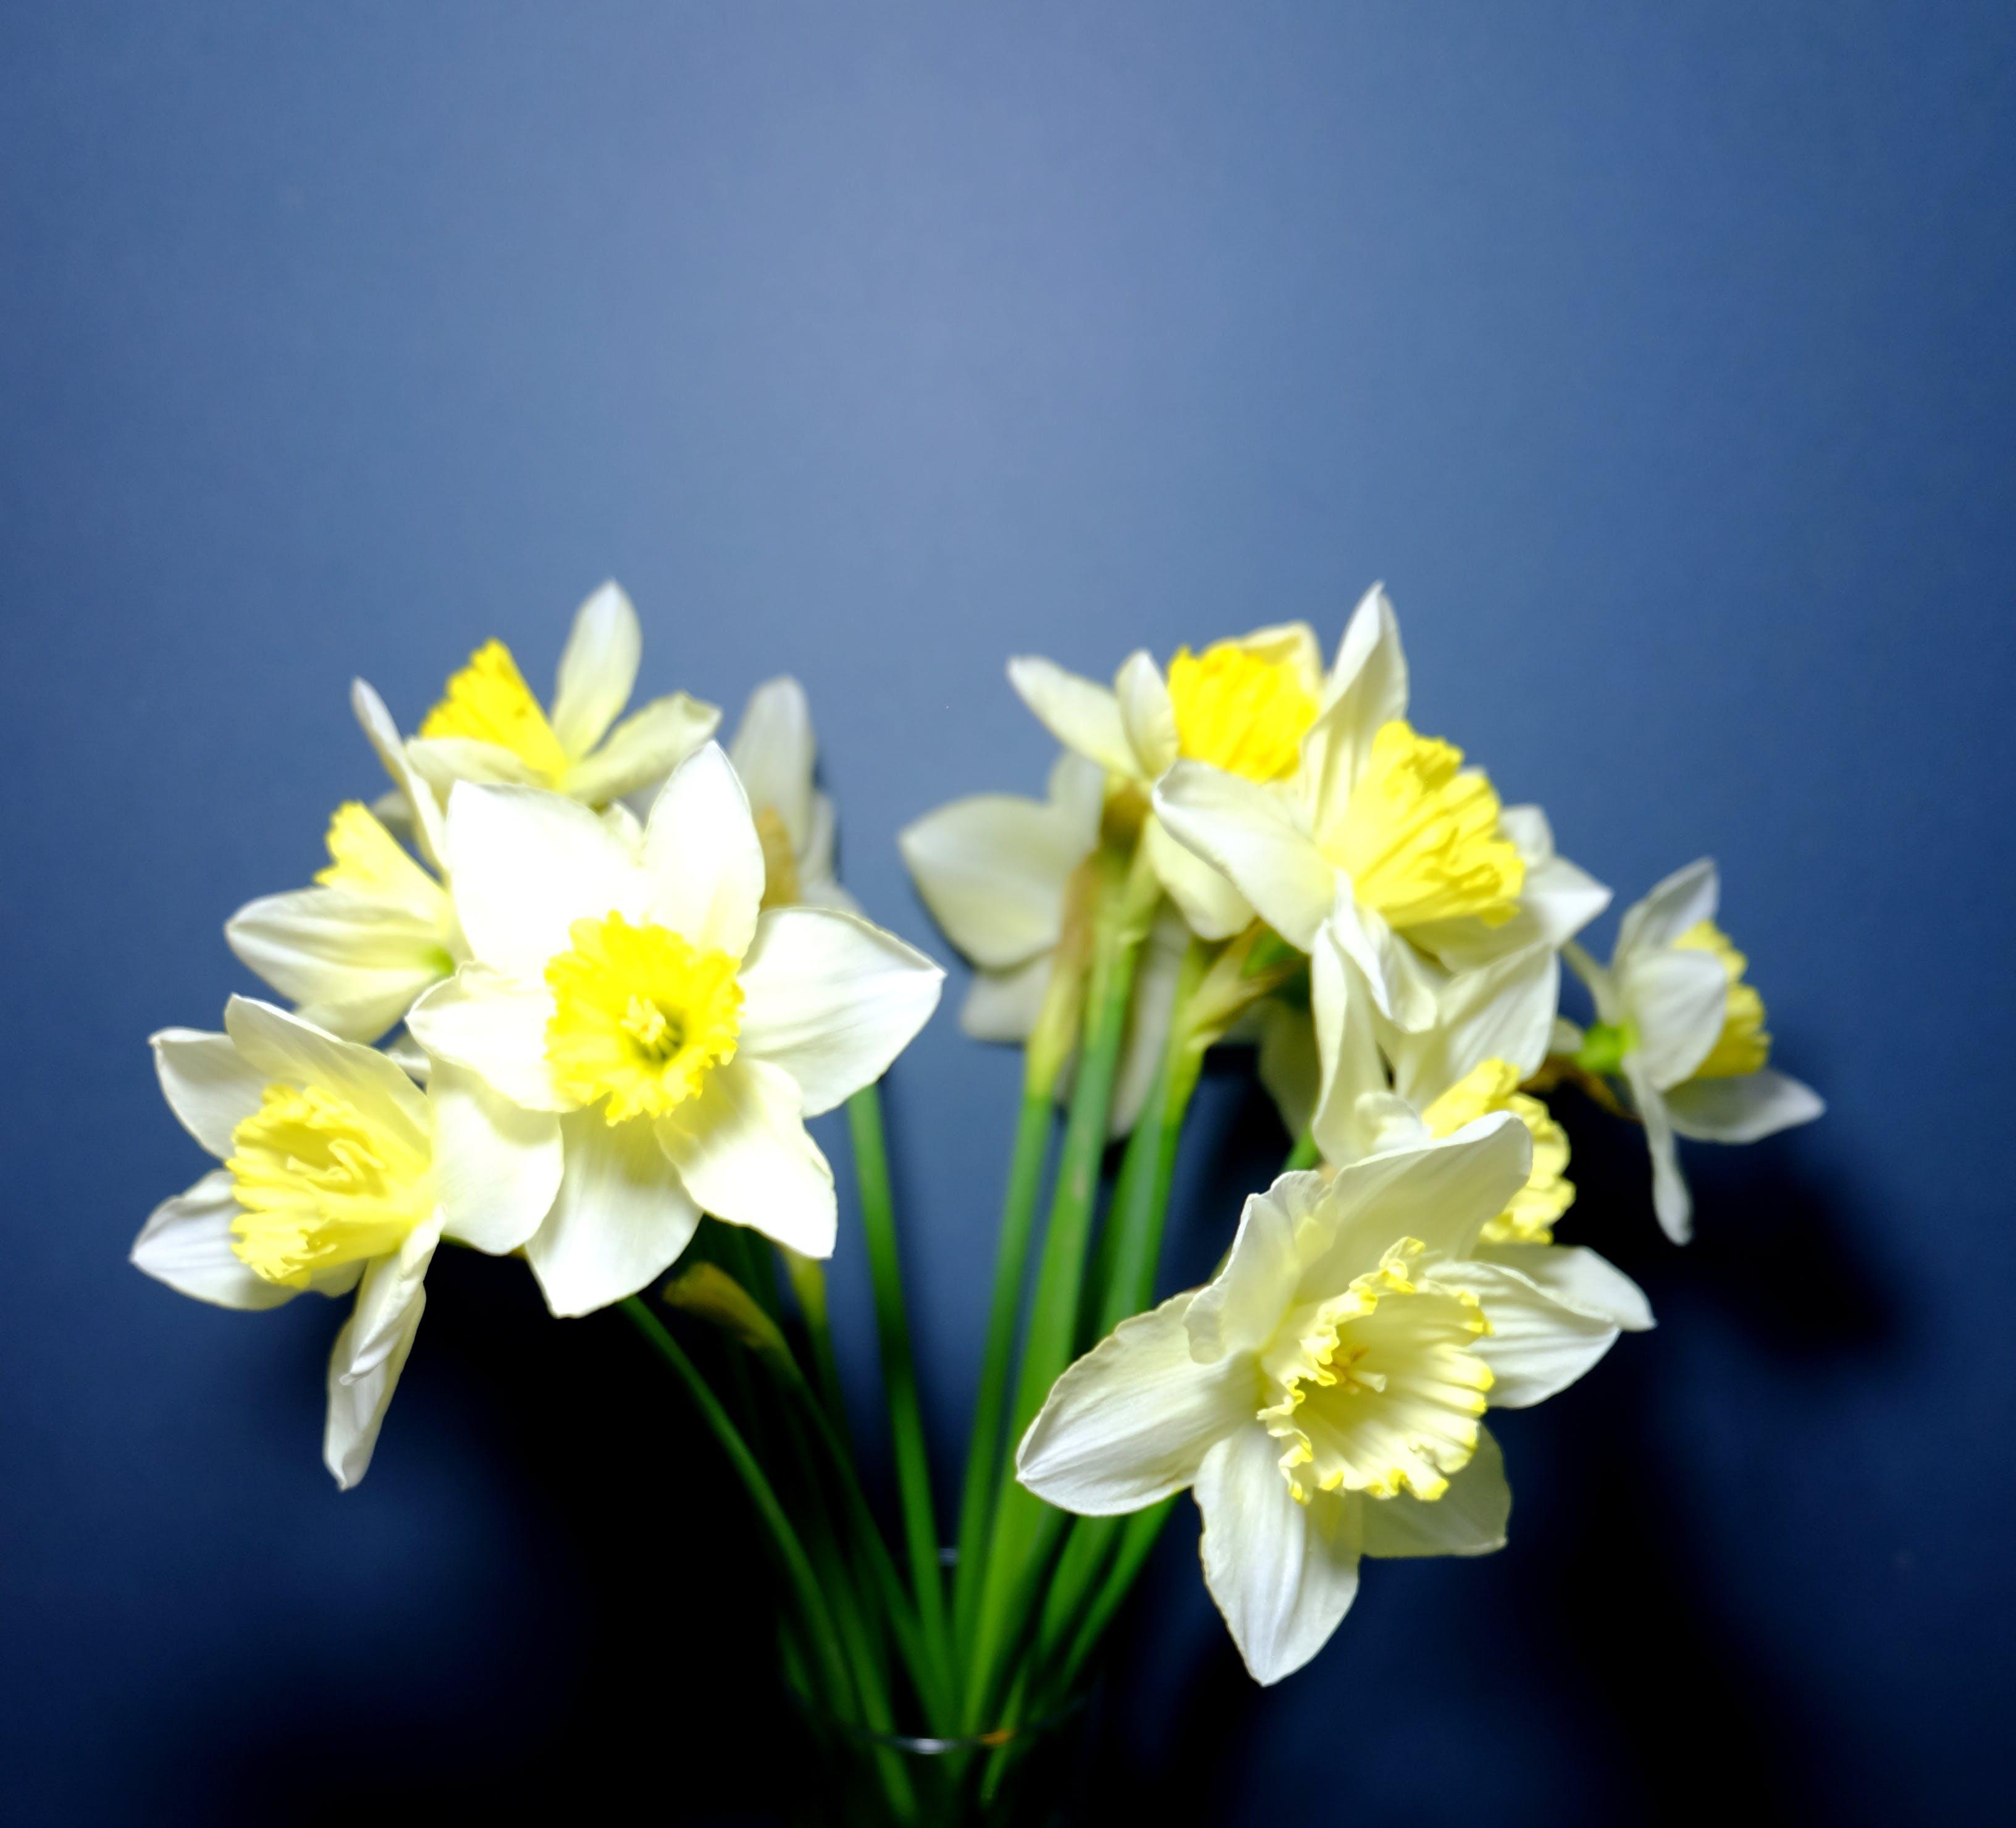 Kostenloses Stock Foto zu blumen, blau, gelb, frühling